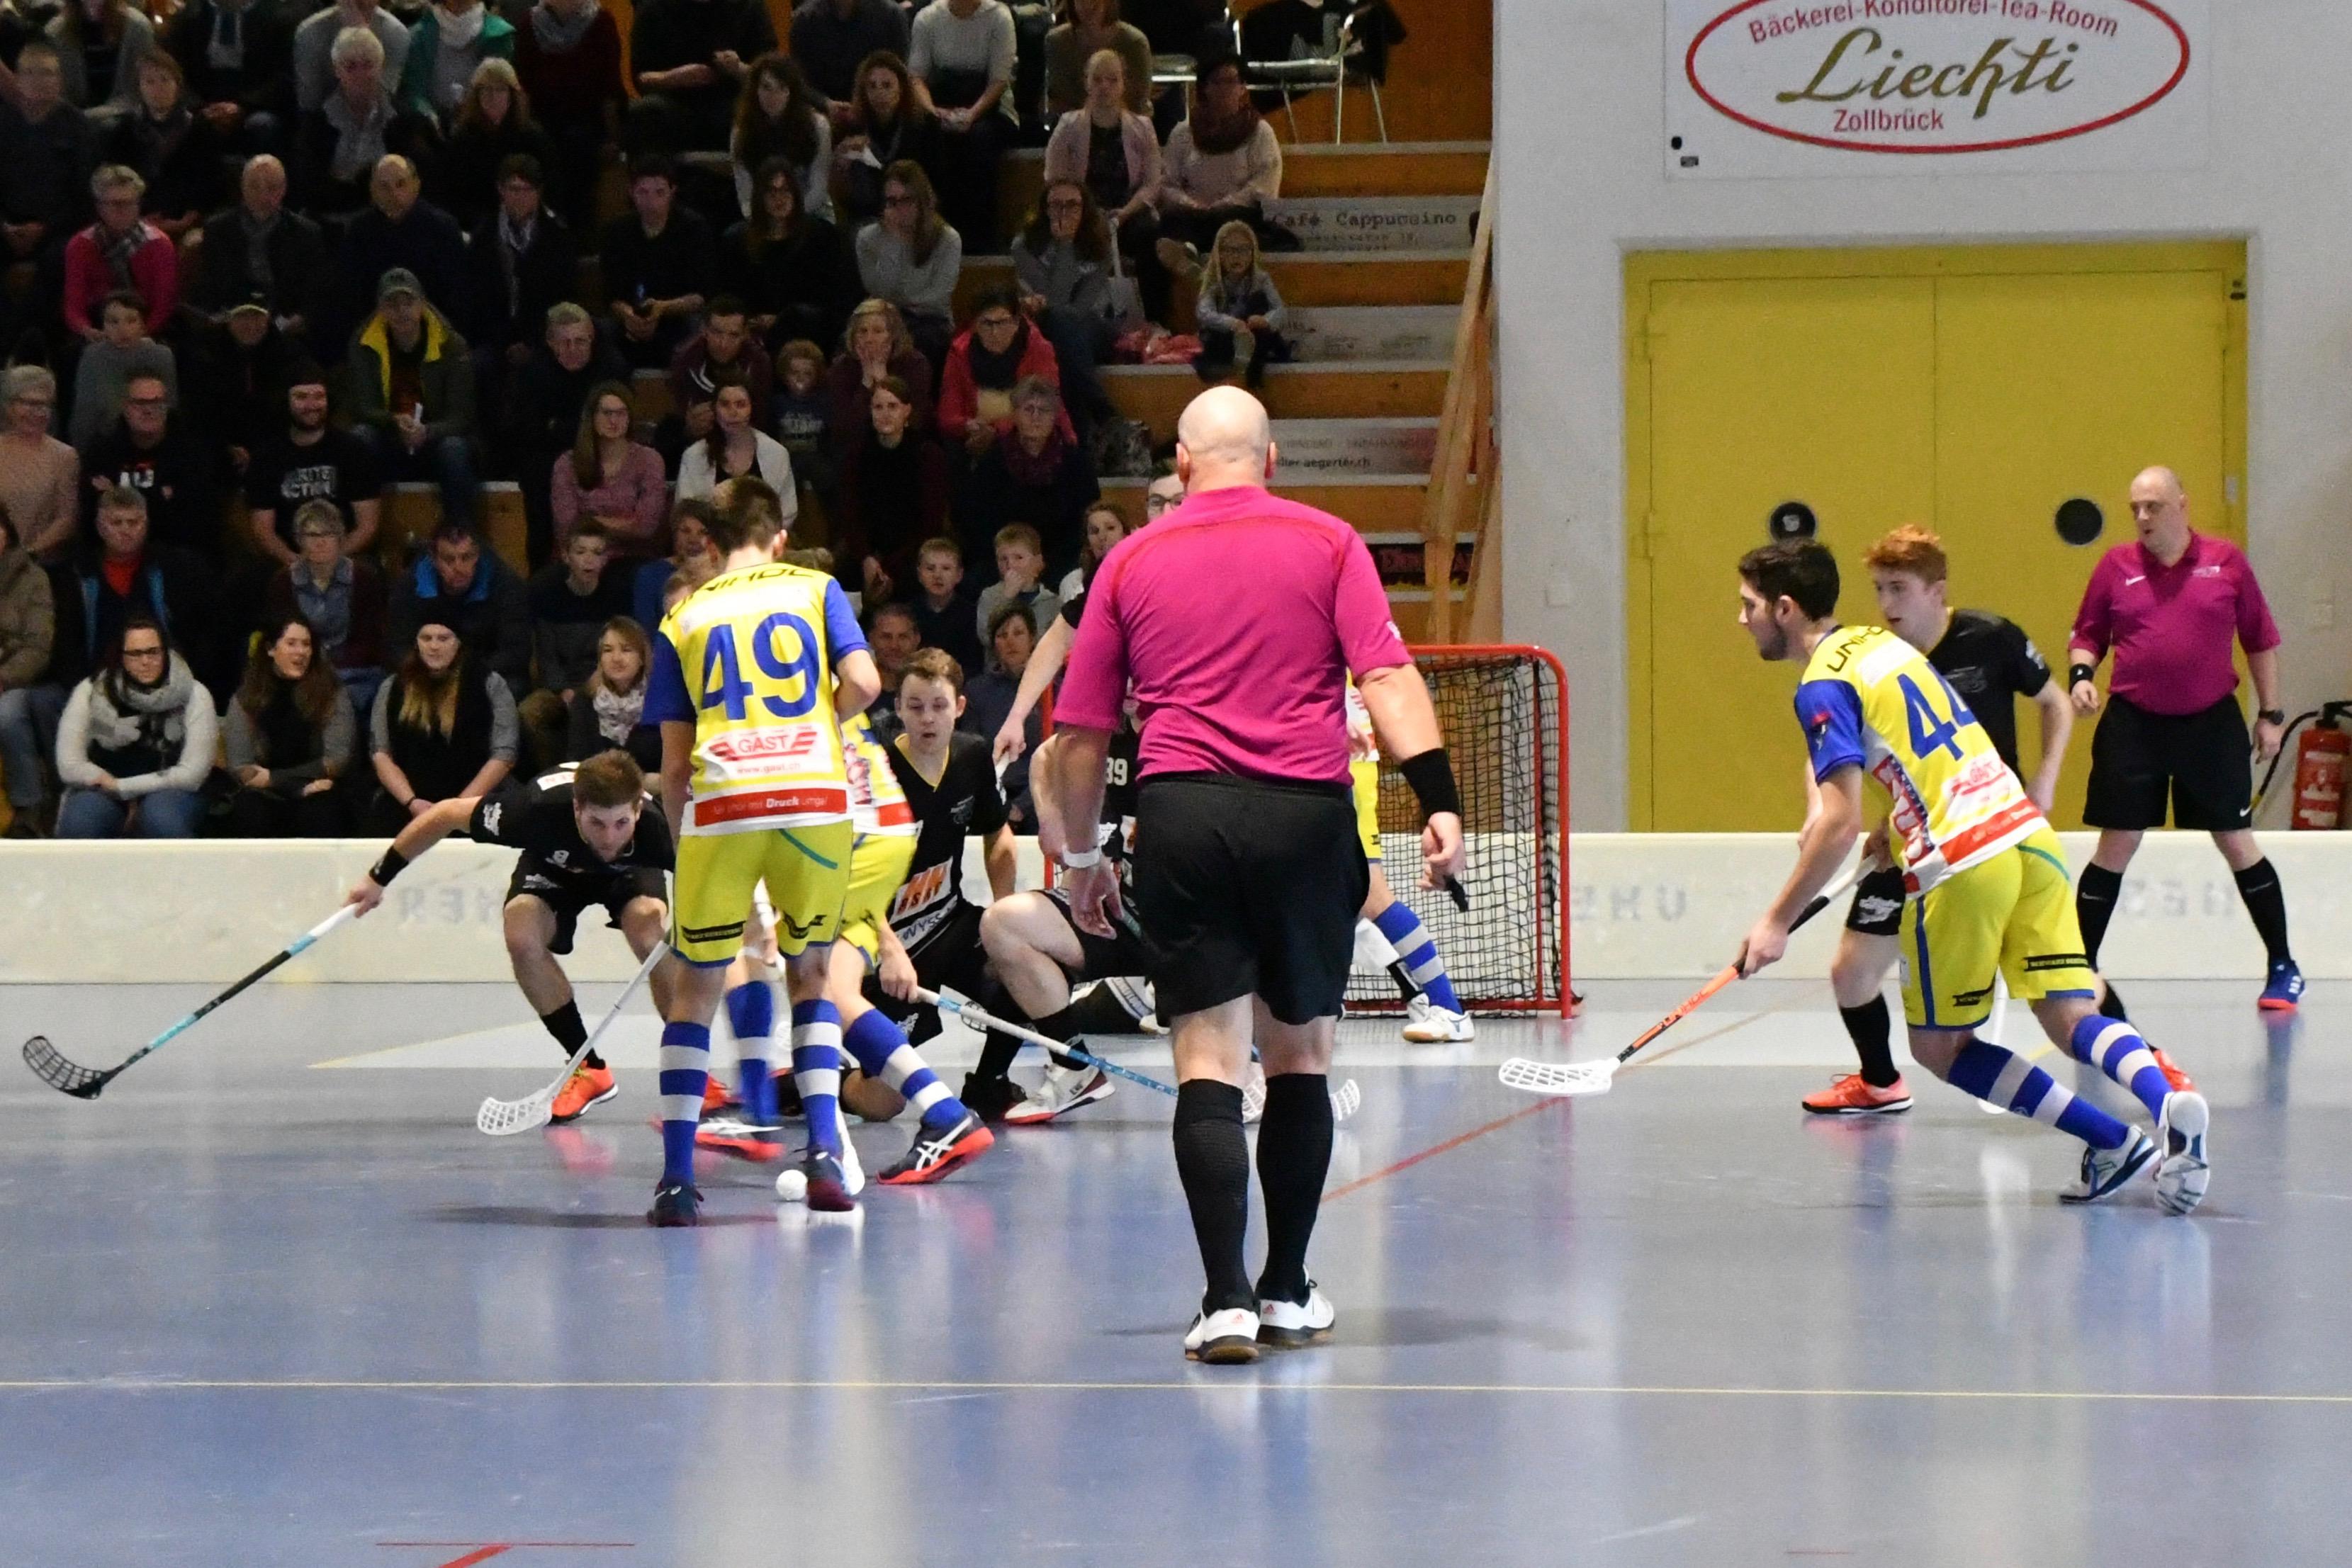 Herren l - UHT Schüpbach, Saison 2018/19